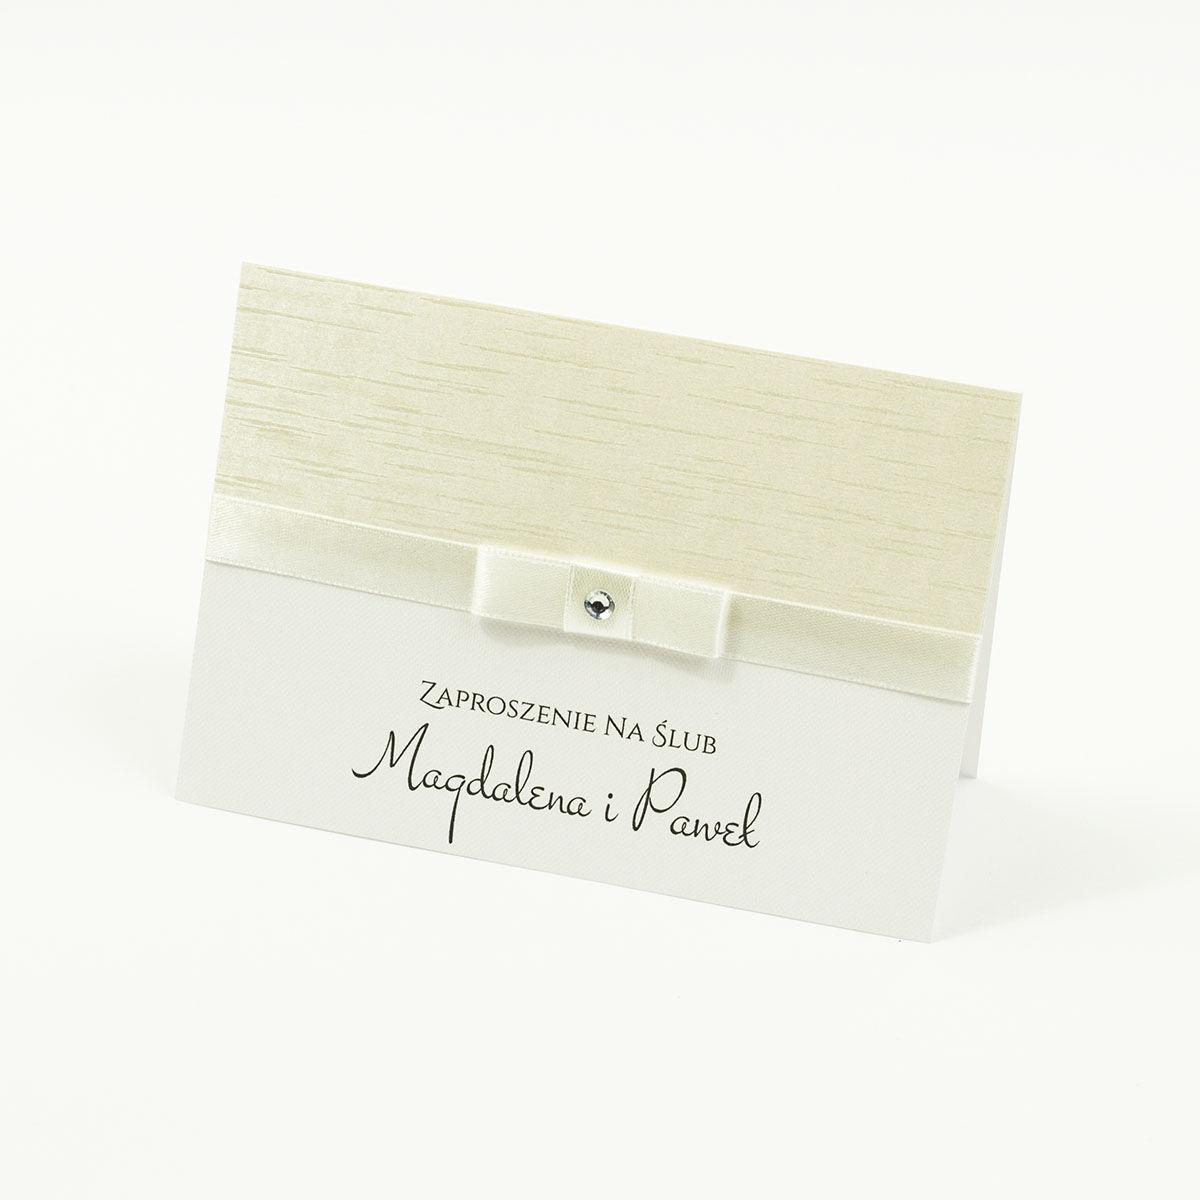 Bardzo eleganckie zaproszenia ślubne ze wstążką w kolorze ecru, jasnym papierem ozdobnym z motywem przypominającym korę, cyrkonią i wklejanym wnętrzem. ZAP-64-38